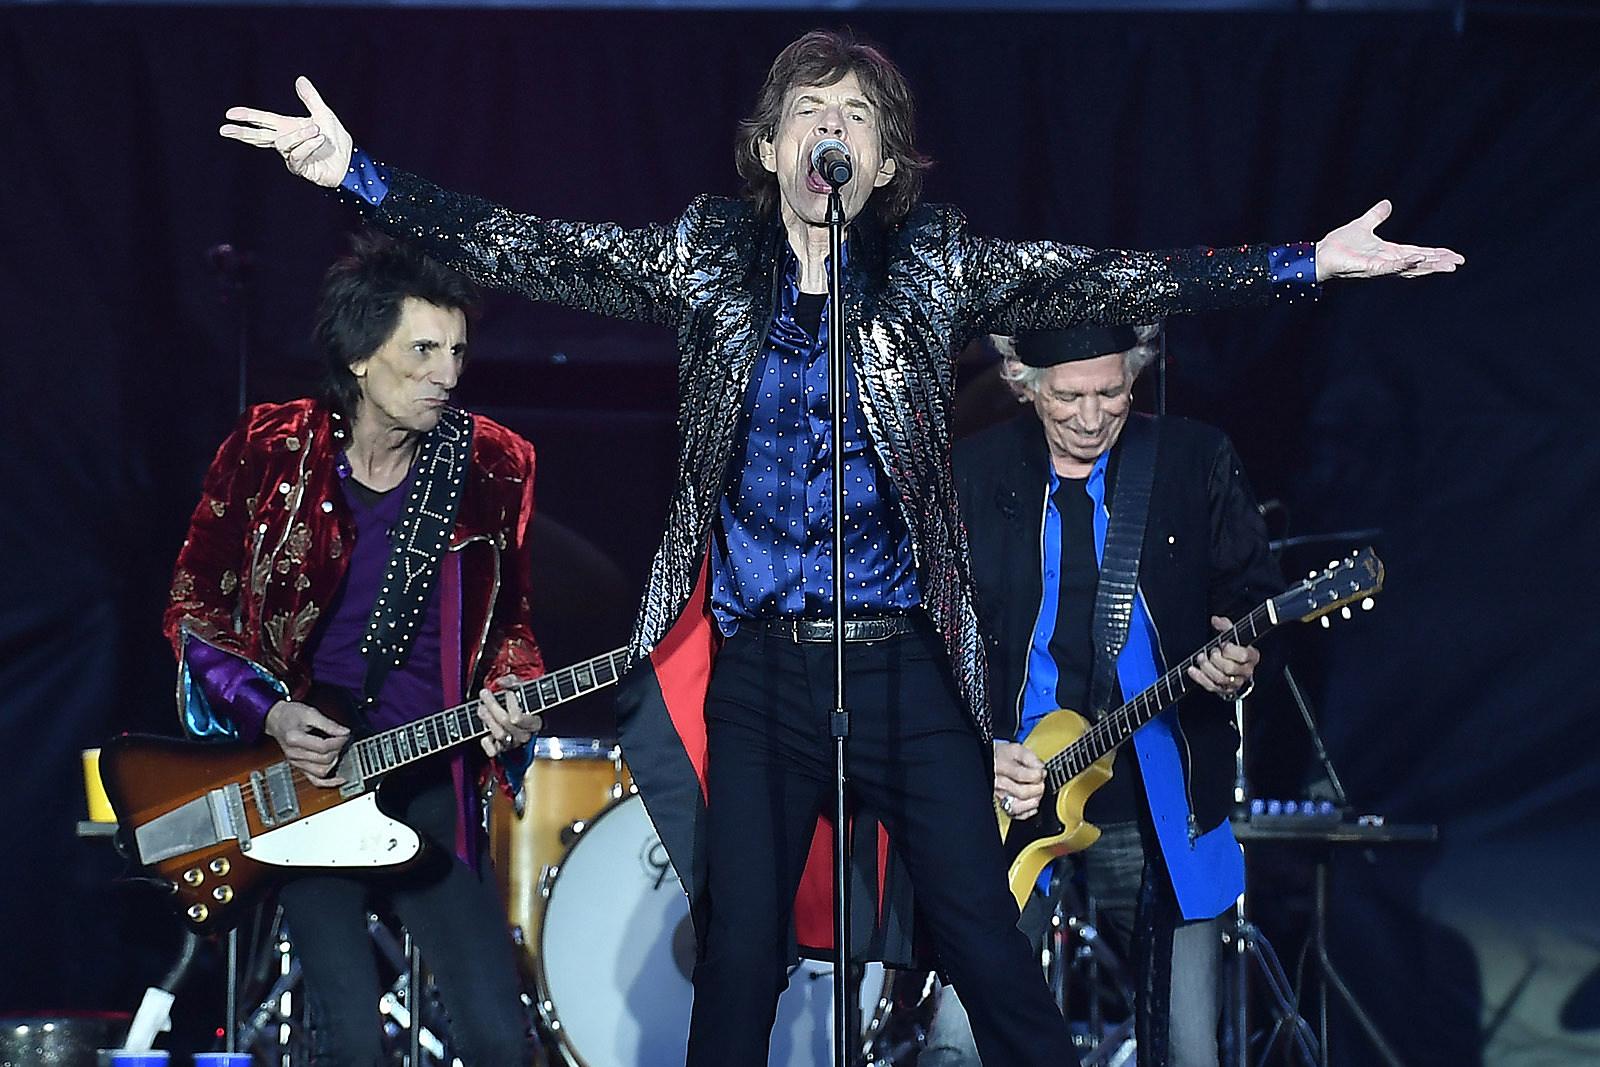 Mick Jagger: Movie Star?